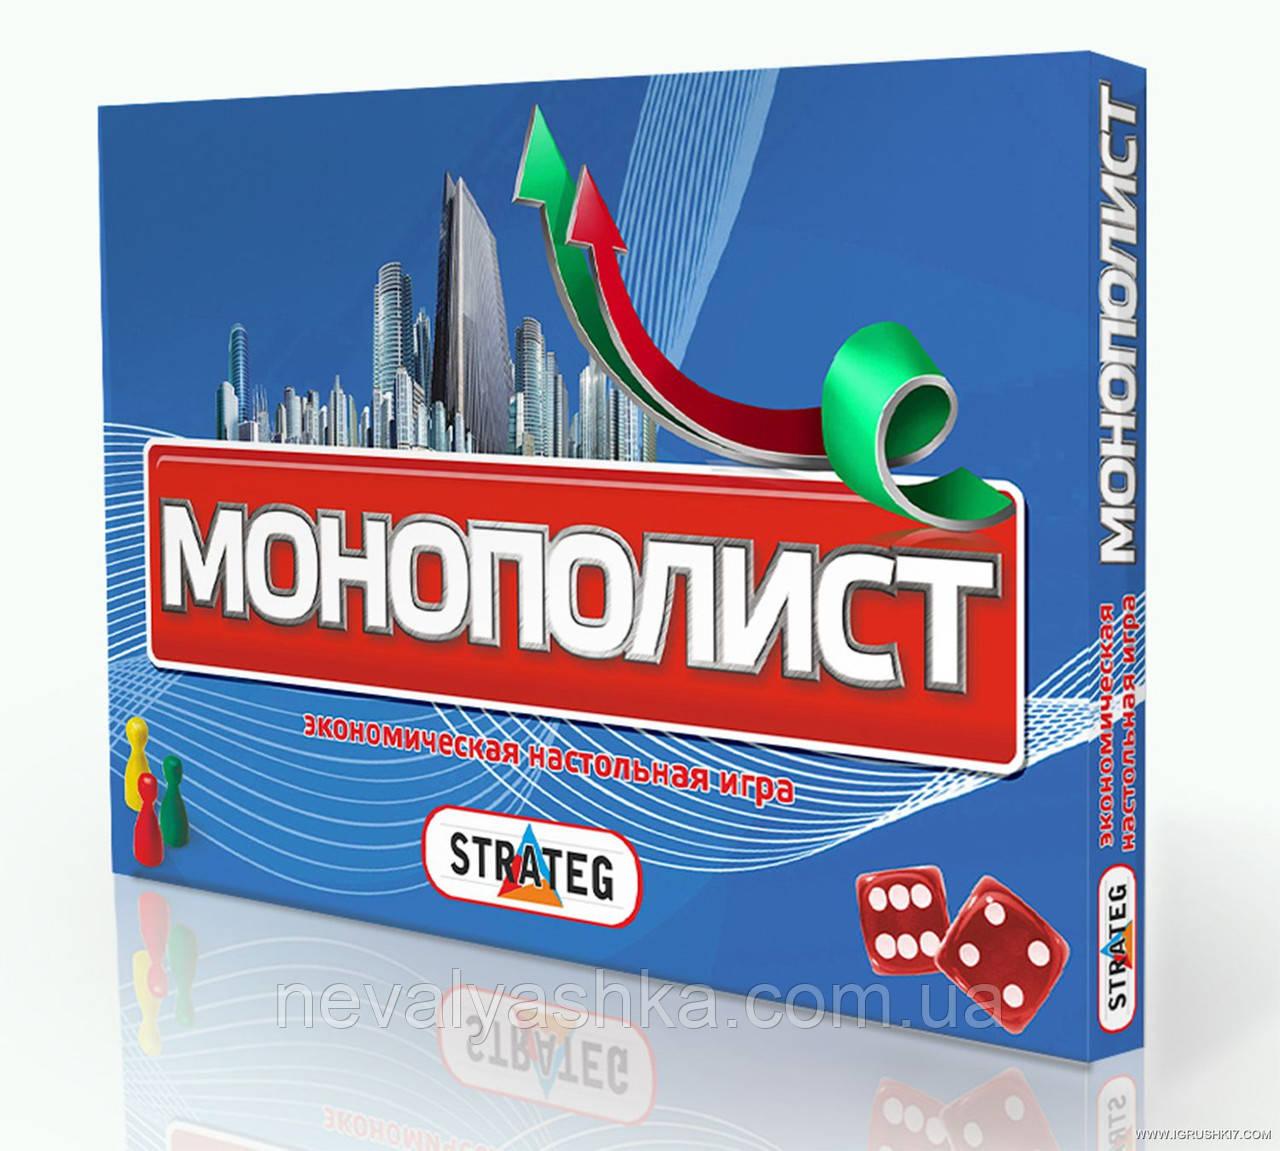 Настольная Игра Монополист Монополия STRATEG, 348, 000511